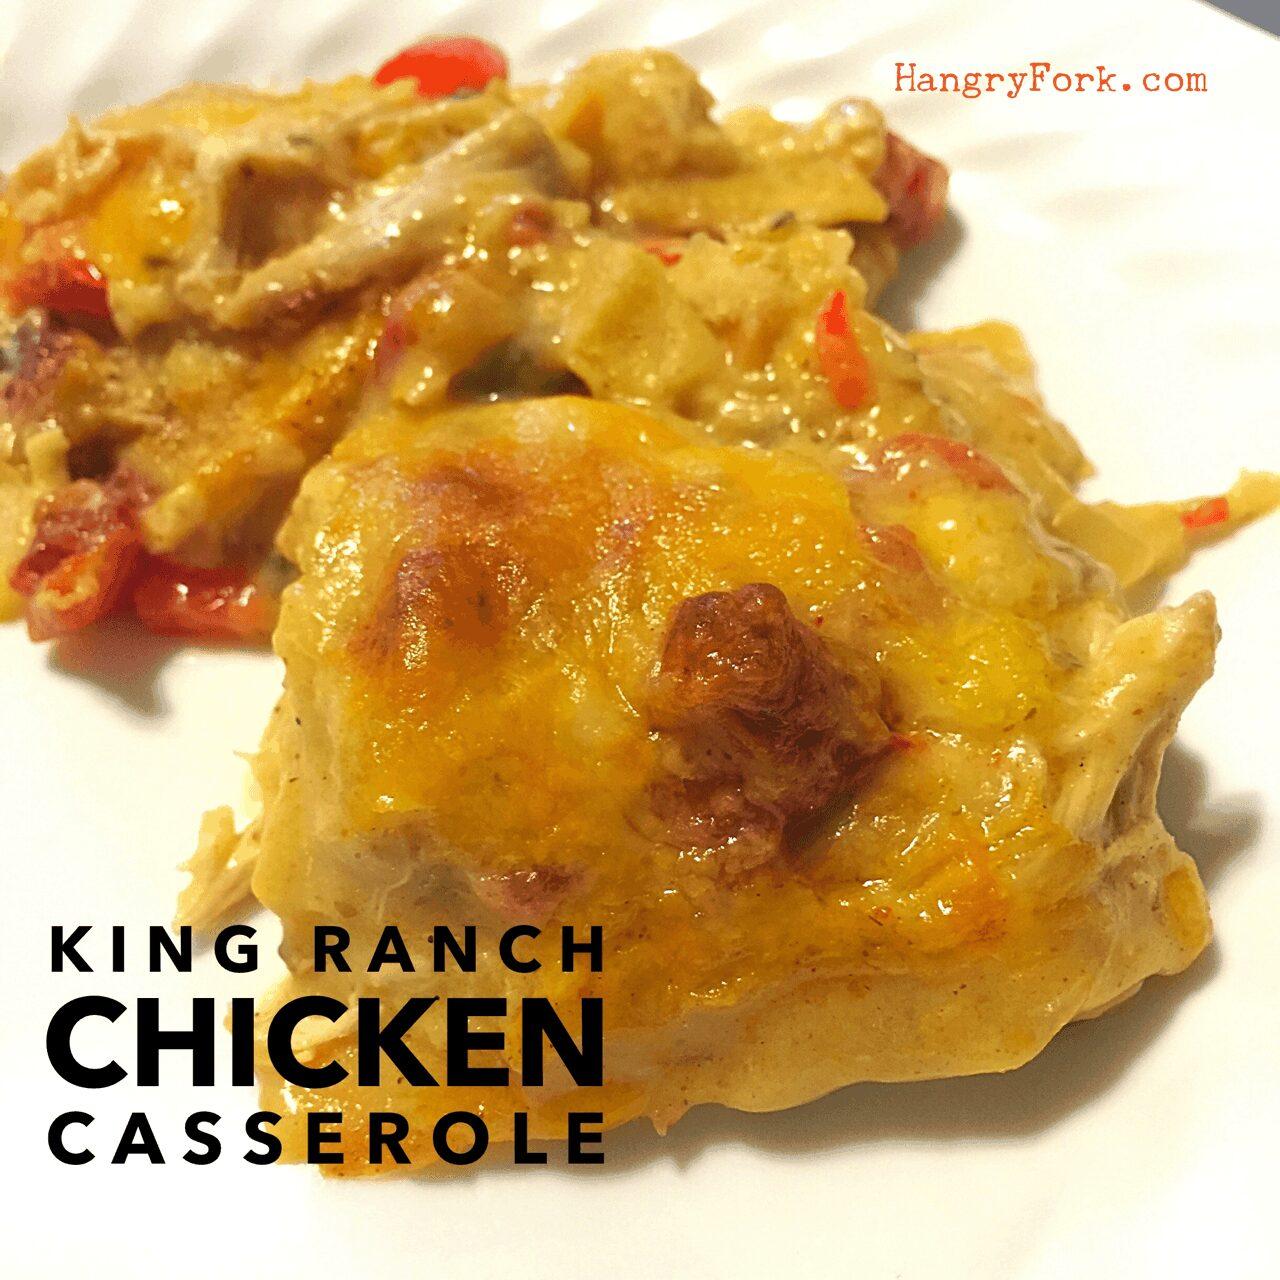 King Ranch Chicken Casserole